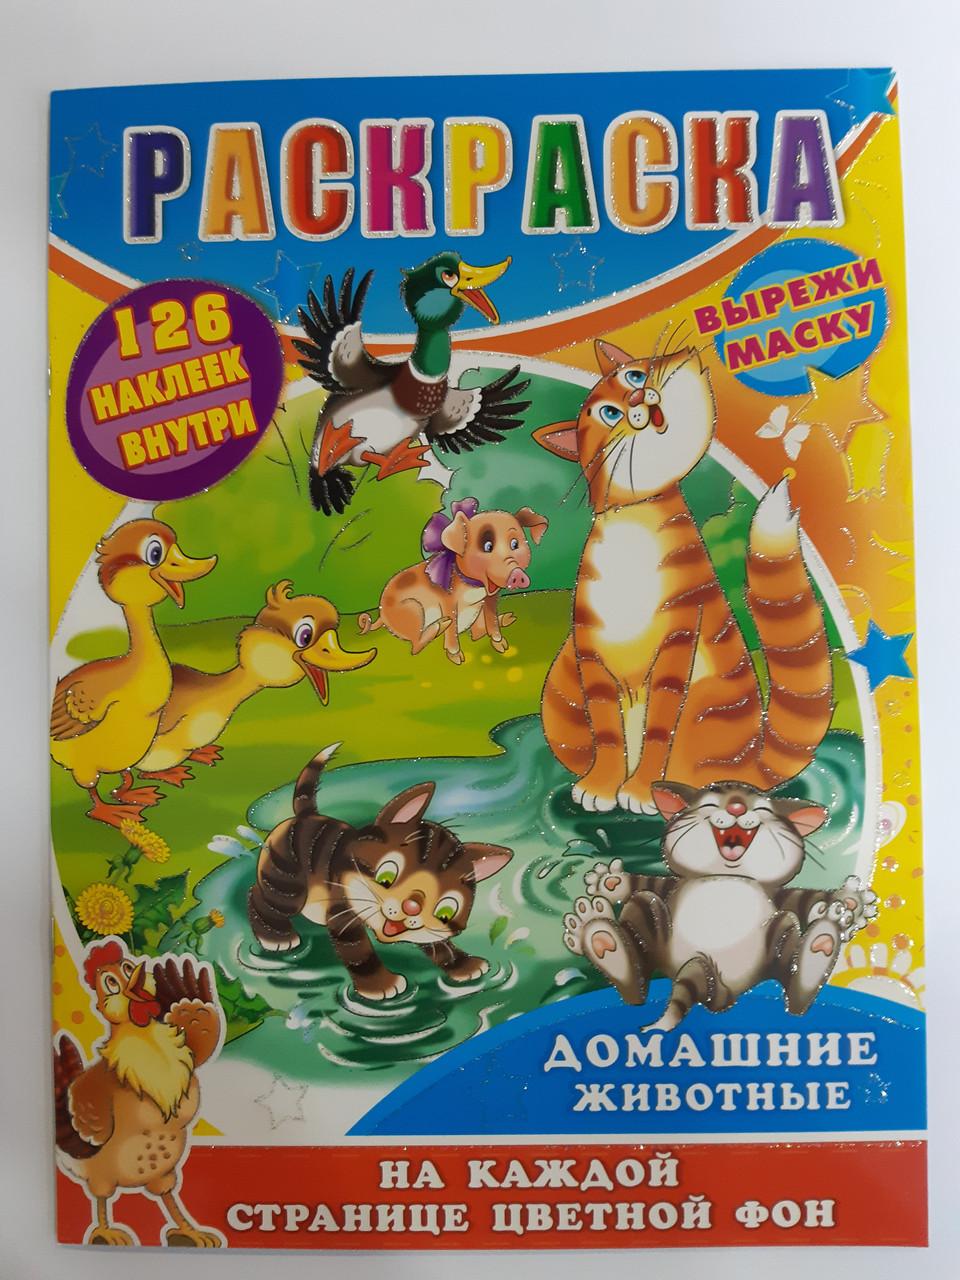 Колибри Раскраска Р-30: 126 наклеек/Для малышей: продажа ...